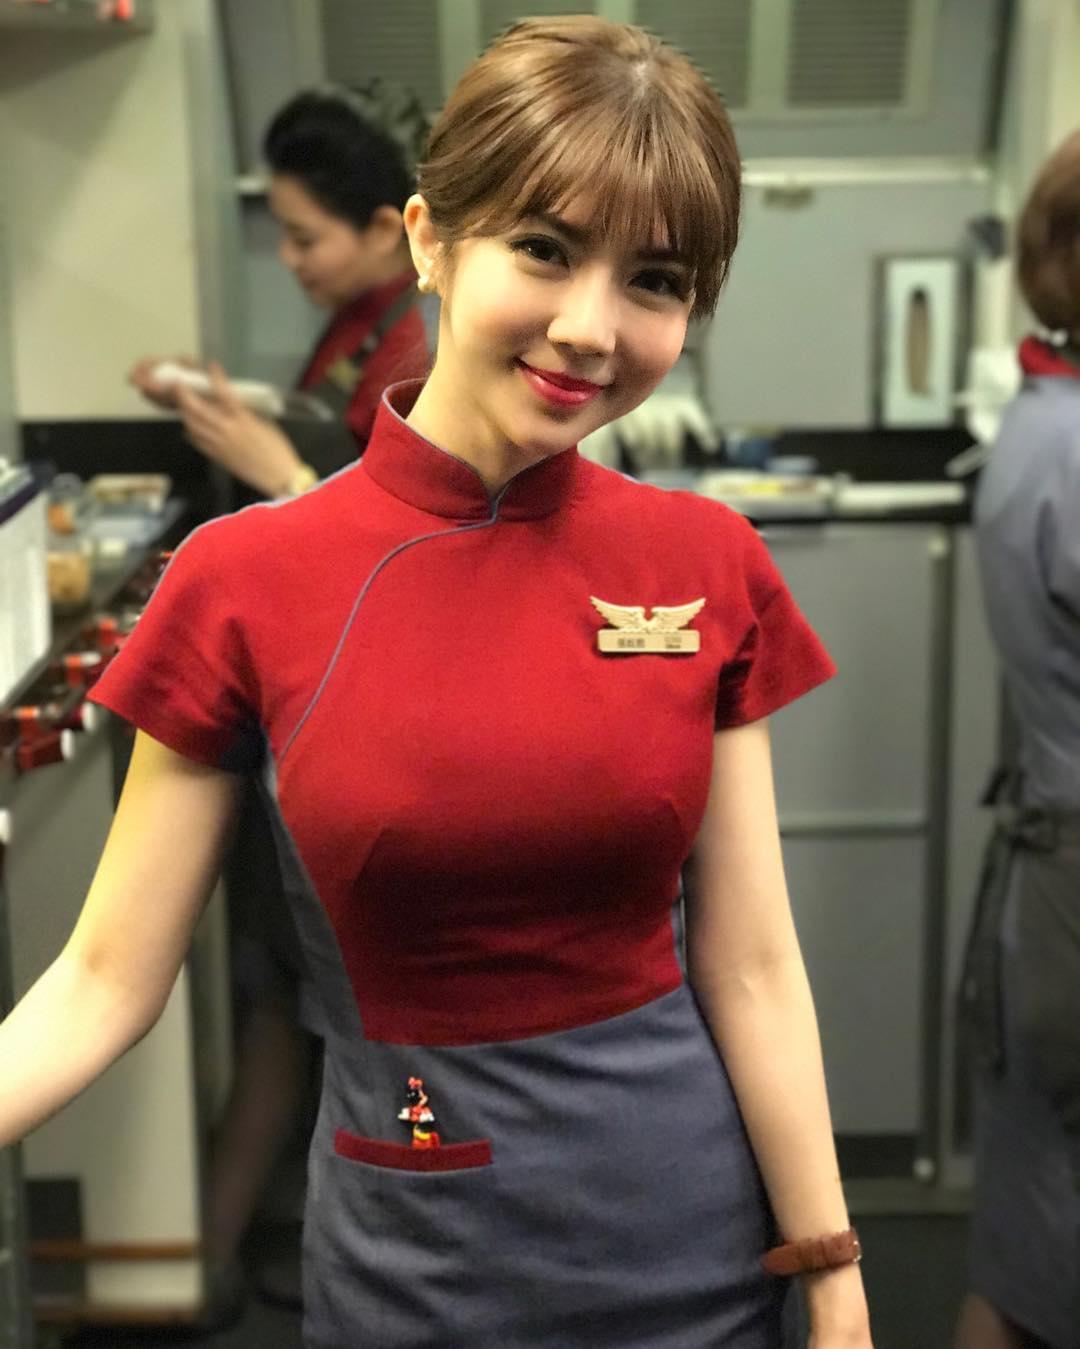 """【网爆门事件】脸蛋精致 长相甜美俏皮的""""华航空姐Qbee张比比私拍视频流出[574MB]"""